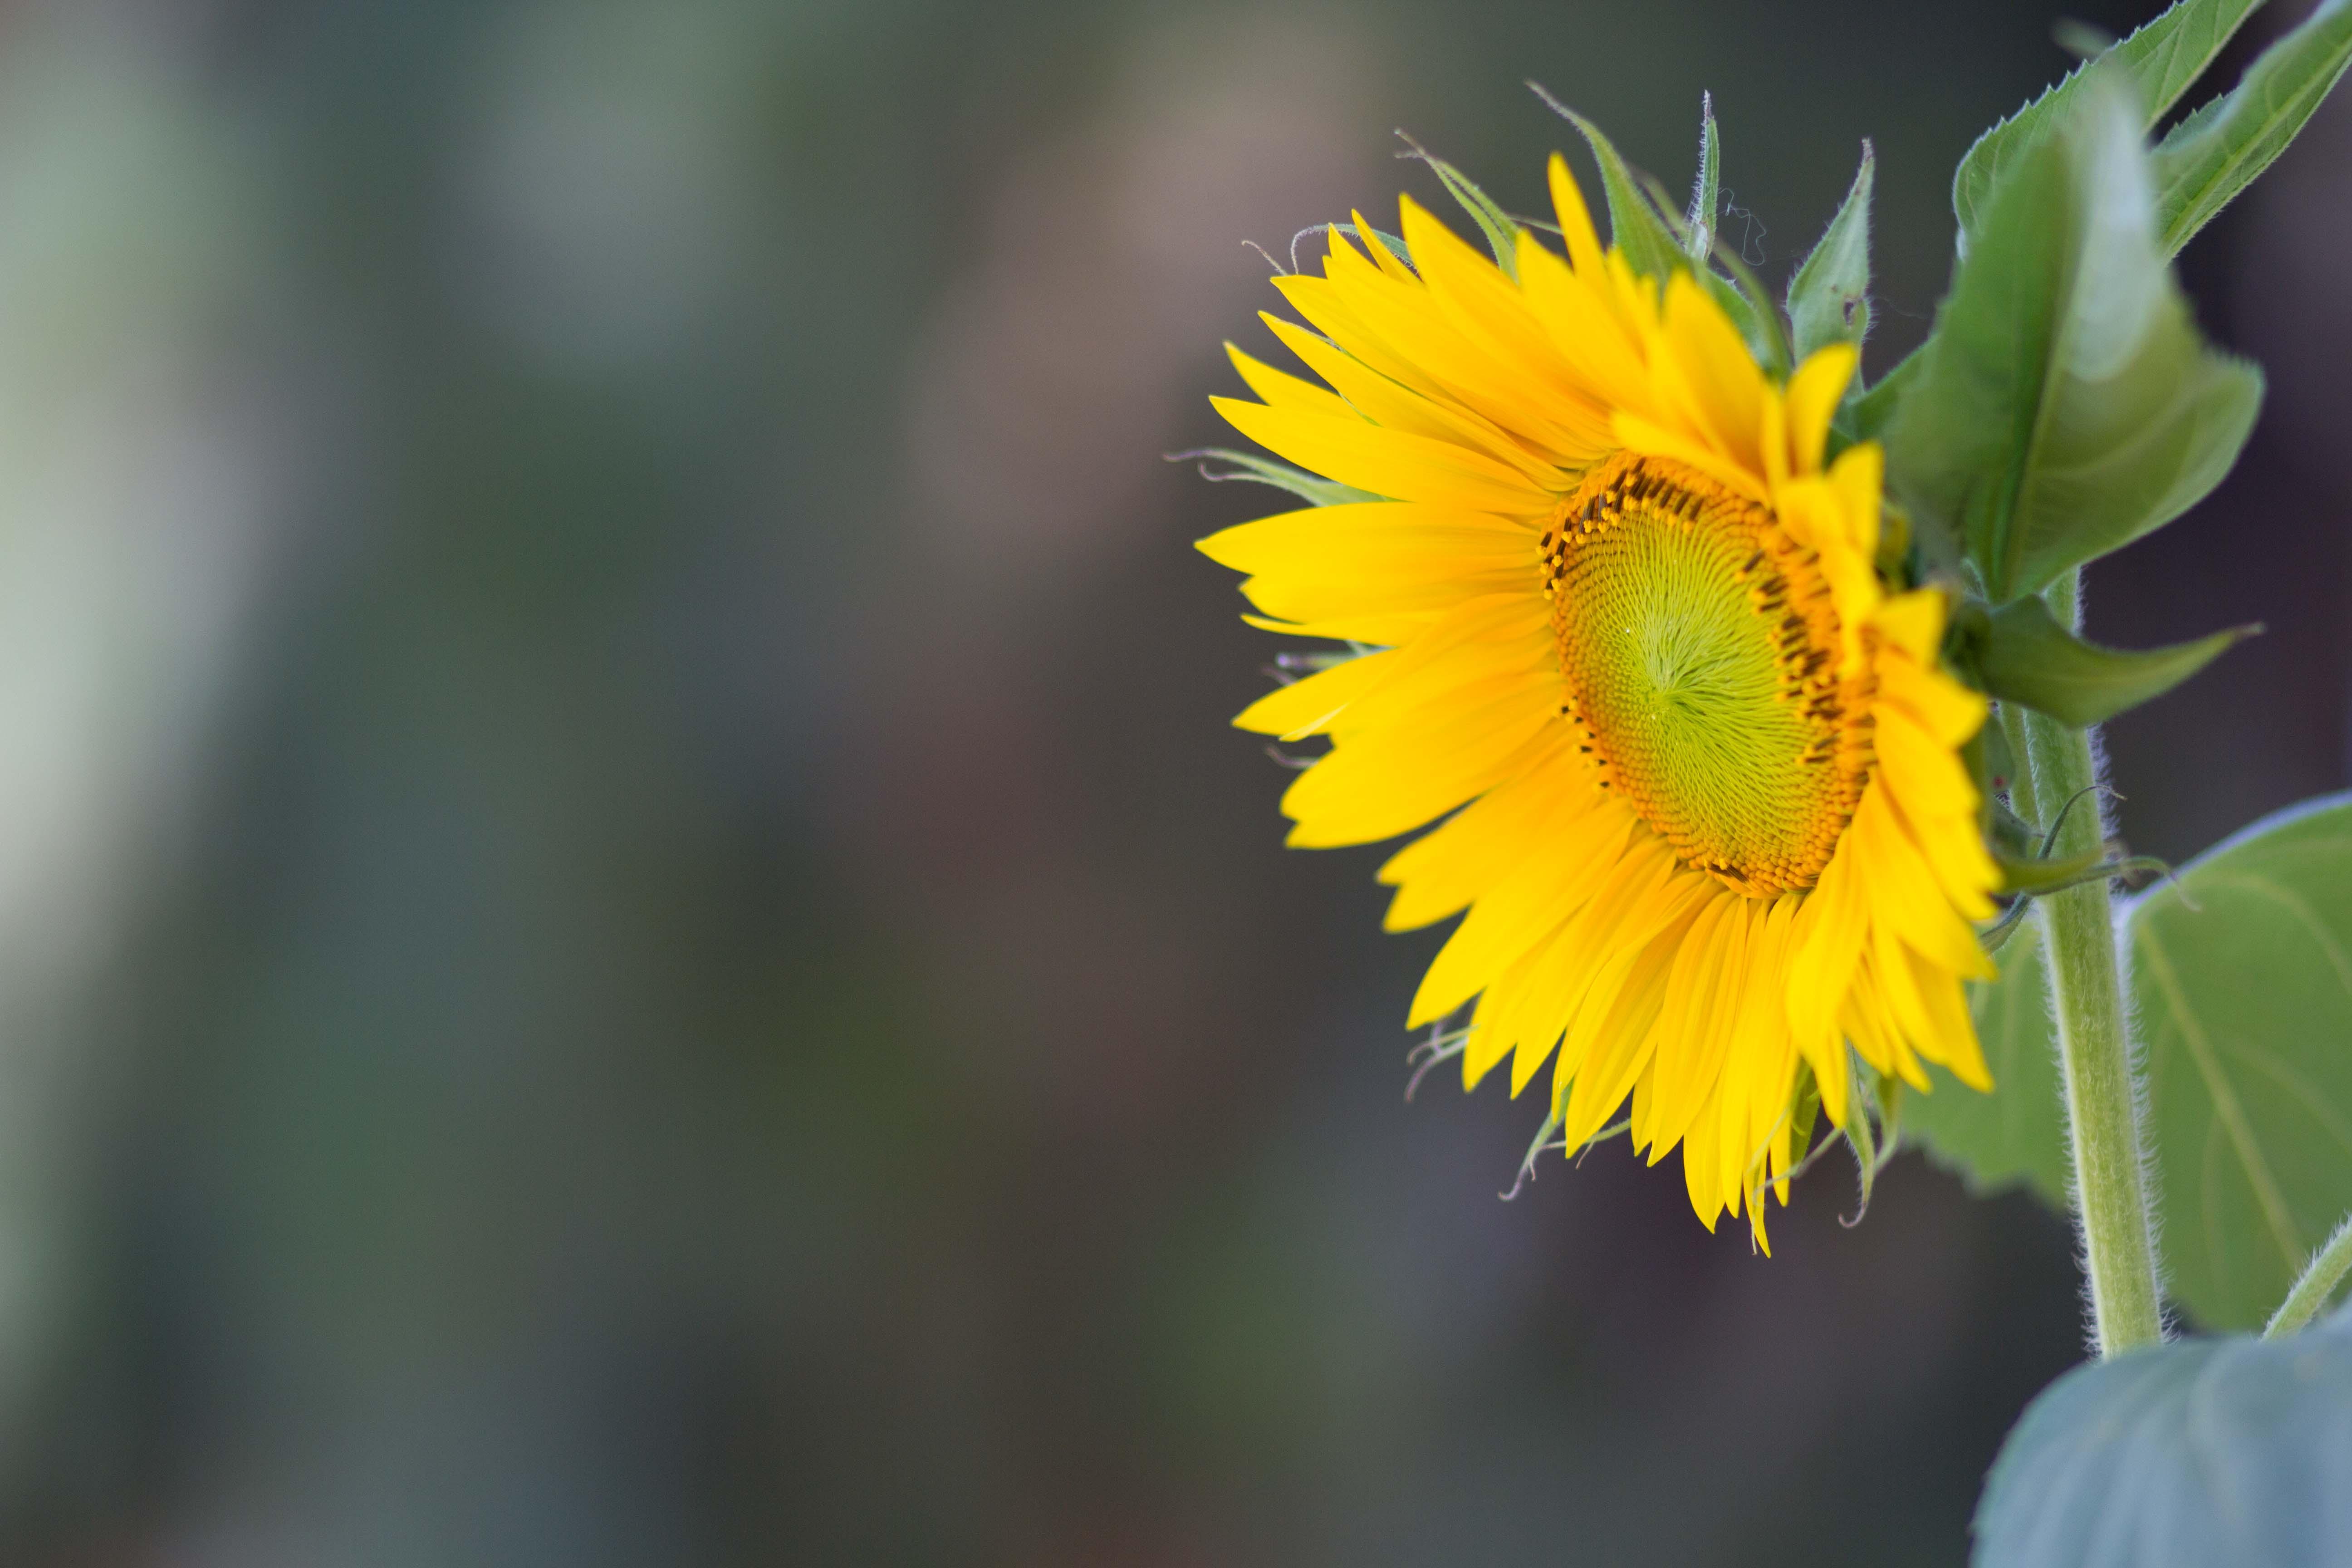 Sunflowers_2015_6